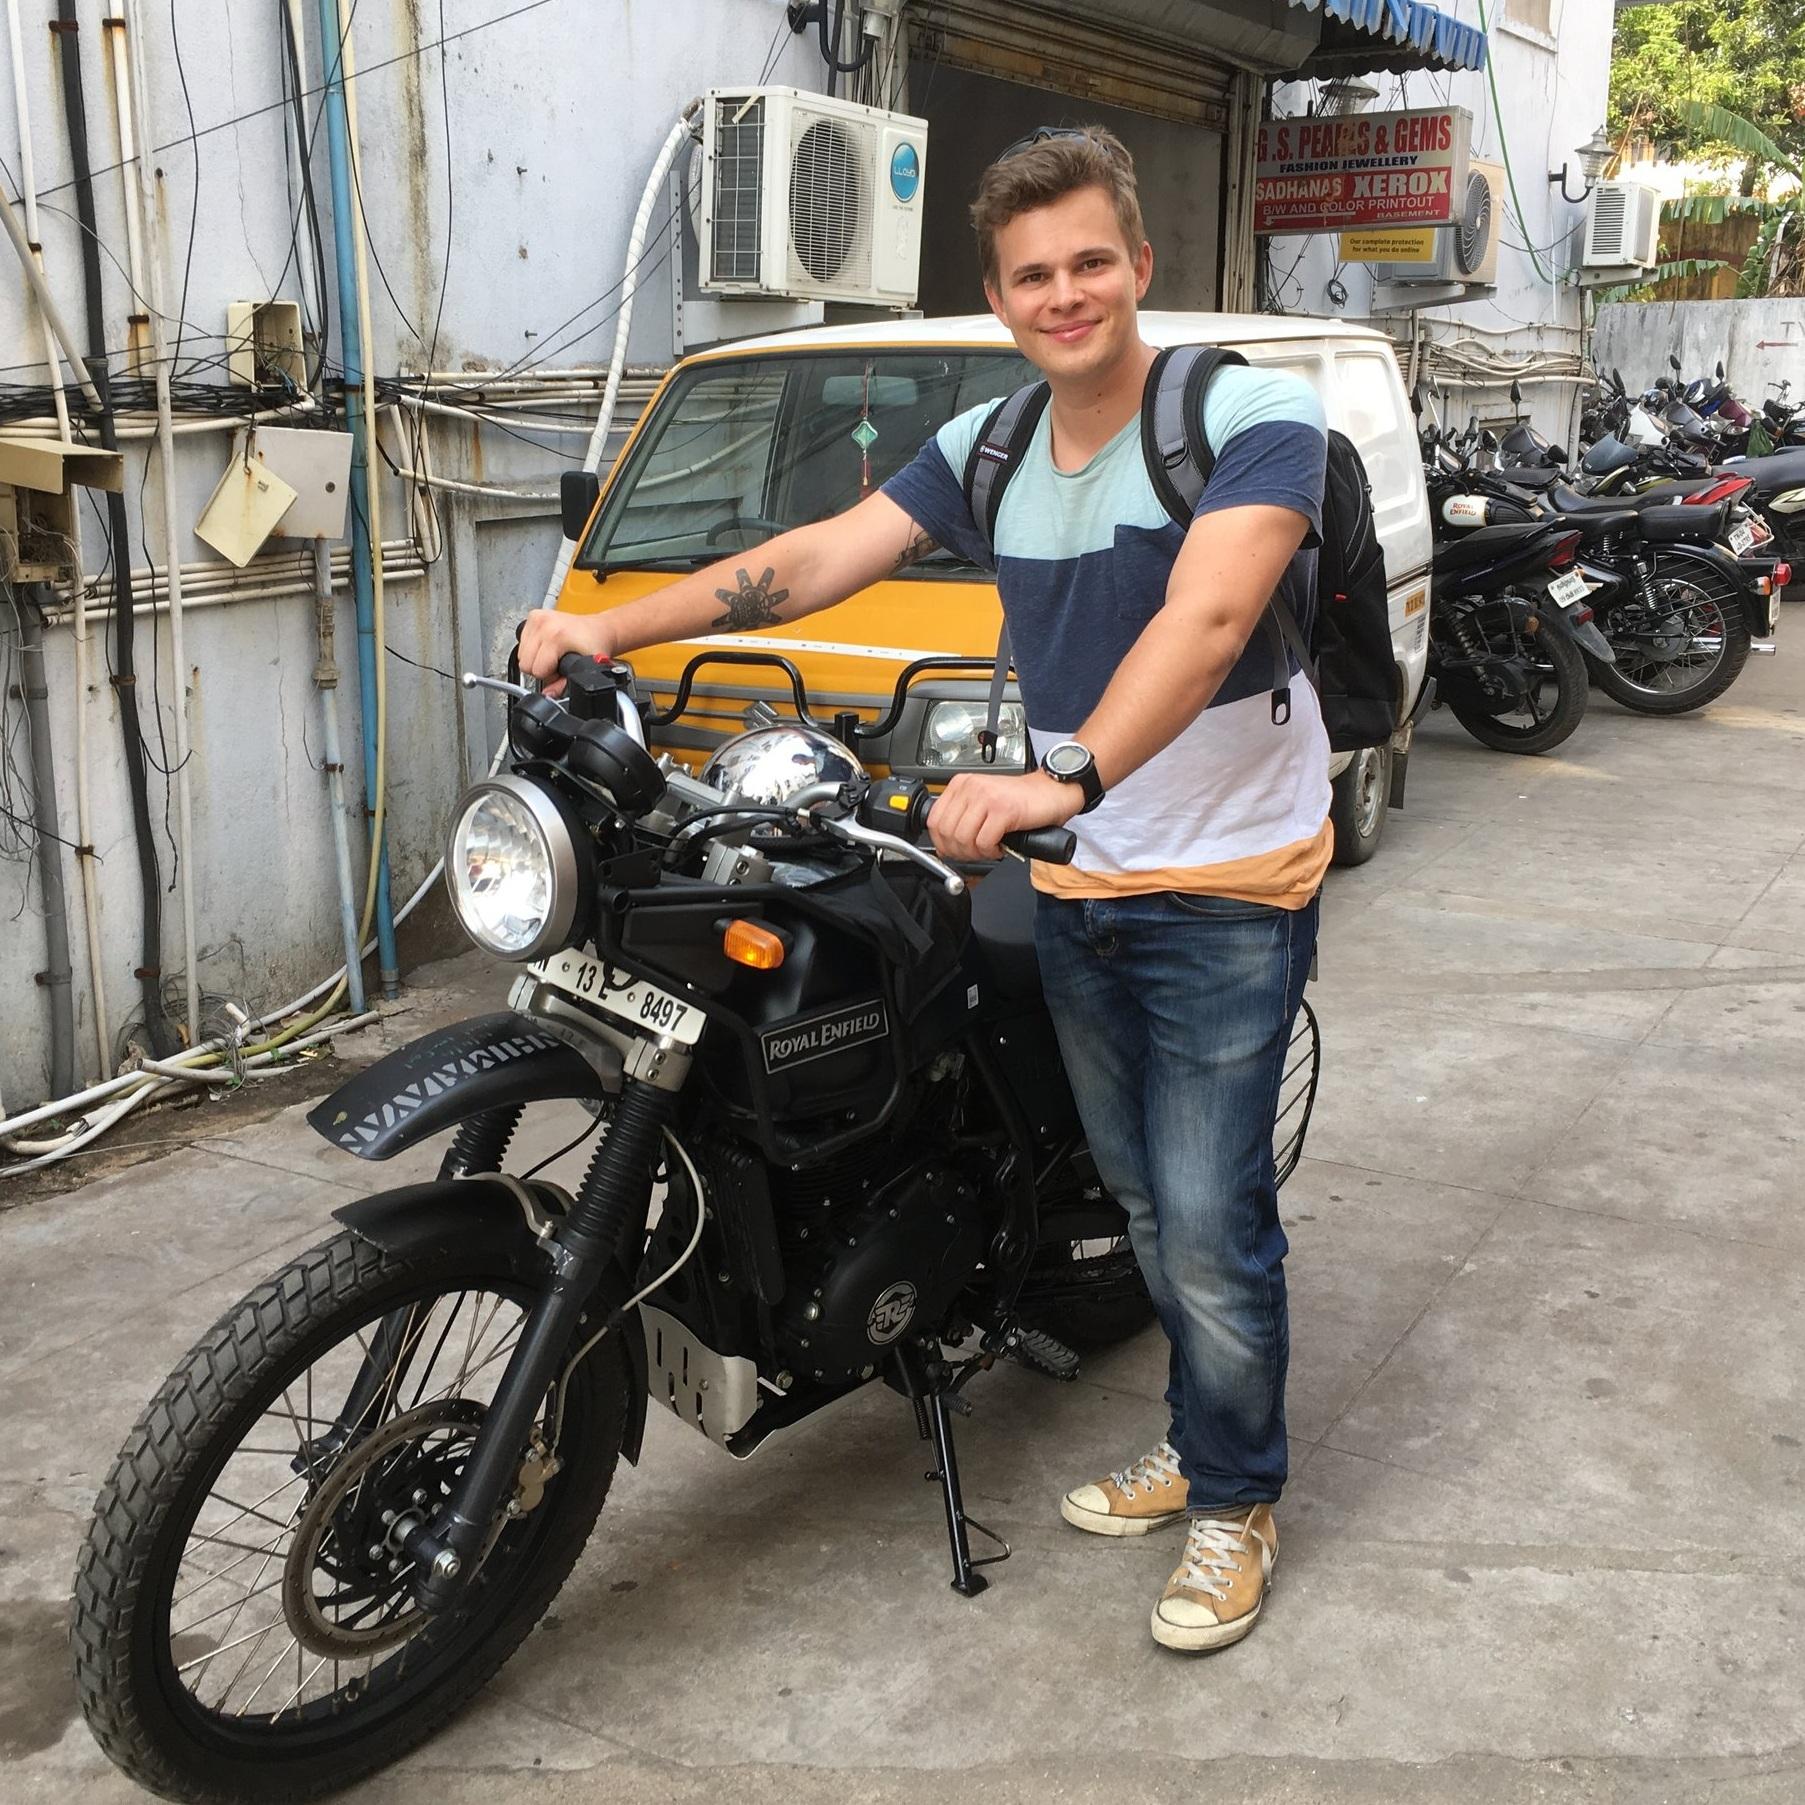 Dani Amosov | +358 40 774 2284 dani@peterpanbike.fi - Matkanjohtaja, liikkuvan kuvan harrastaja ja elämäntapamotoristi.Myynti, markkinointi ja matkojen suunnittelu. Osakas.